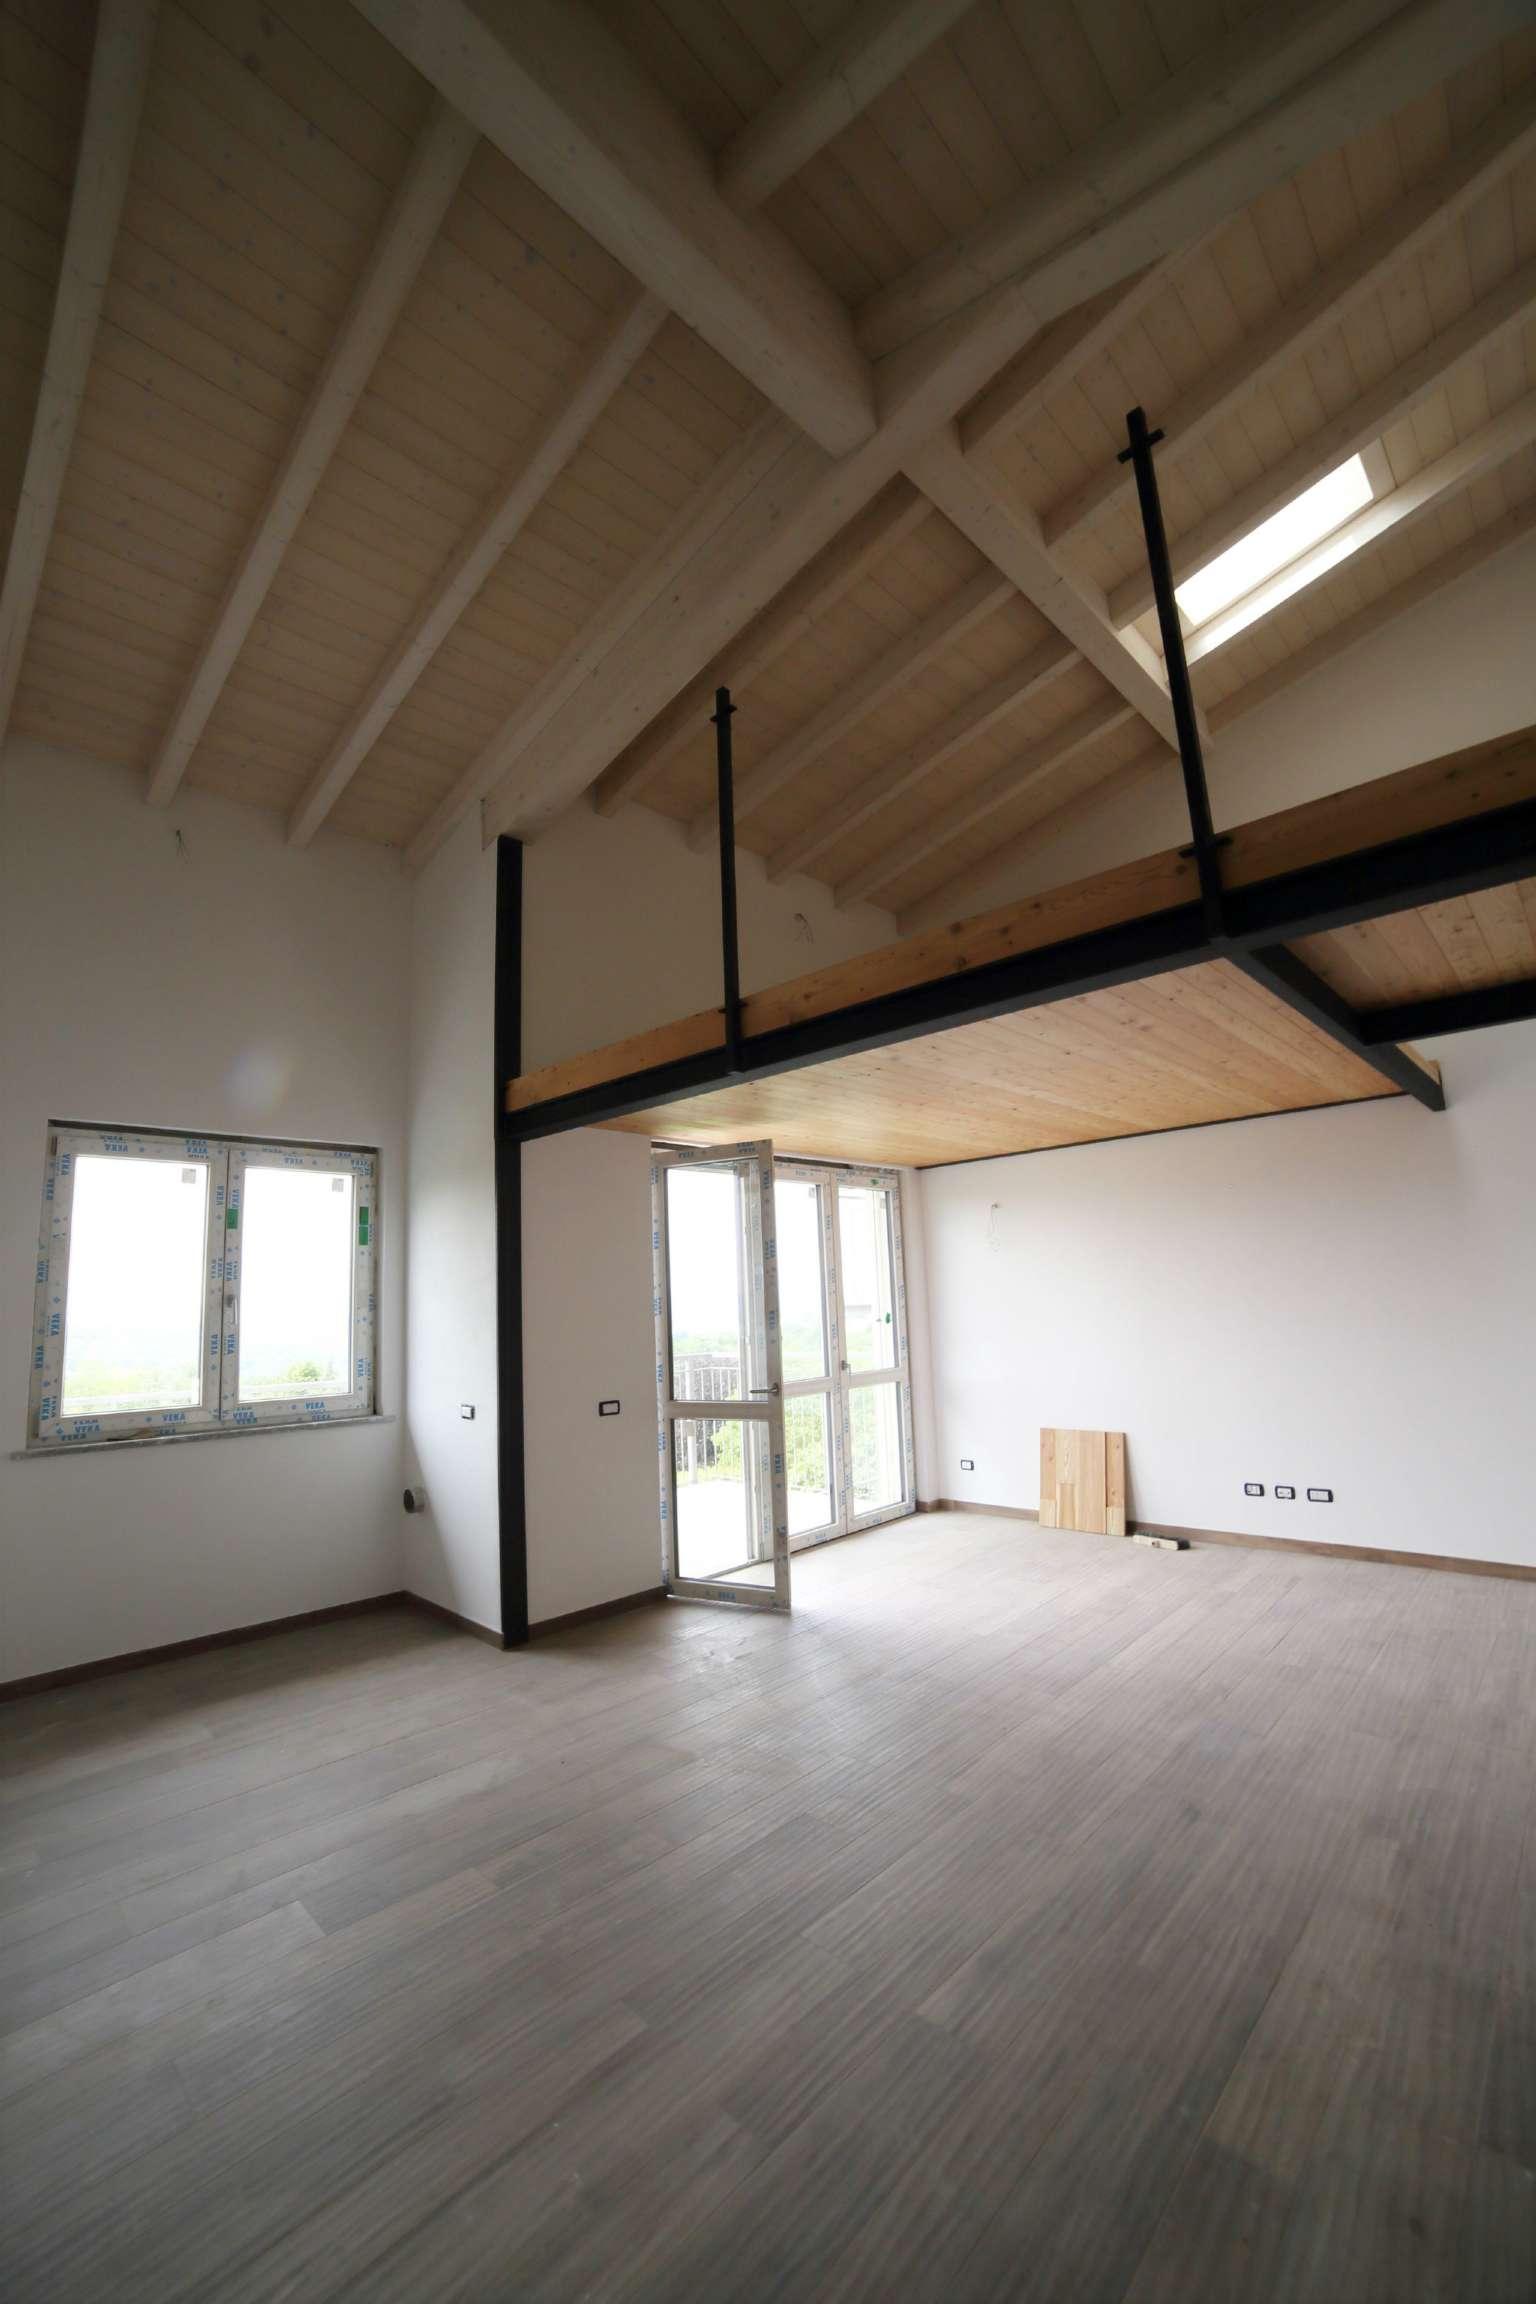 Attico / Mansarda in affitto a Varese, 4 locali, prezzo € 1.500 | Cambio Casa.it